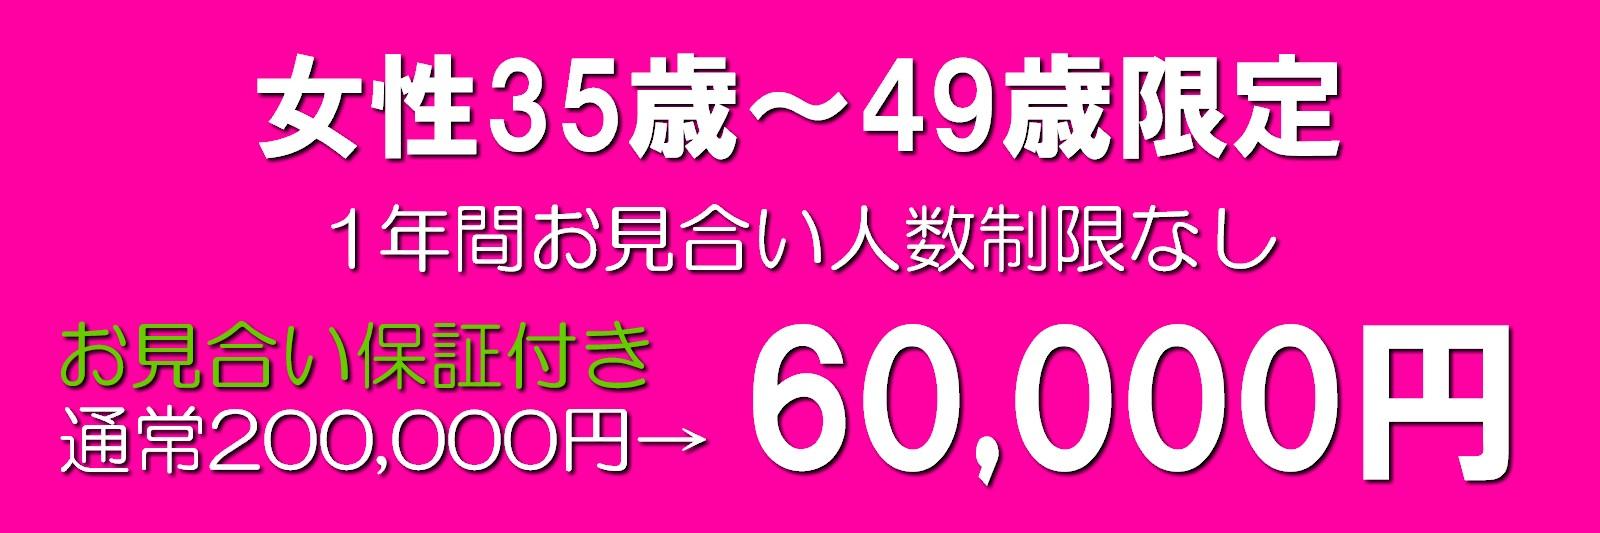 婚活女性35歳~49歳限定クーポン・1年間お見合い人数制限なし【64,800円】